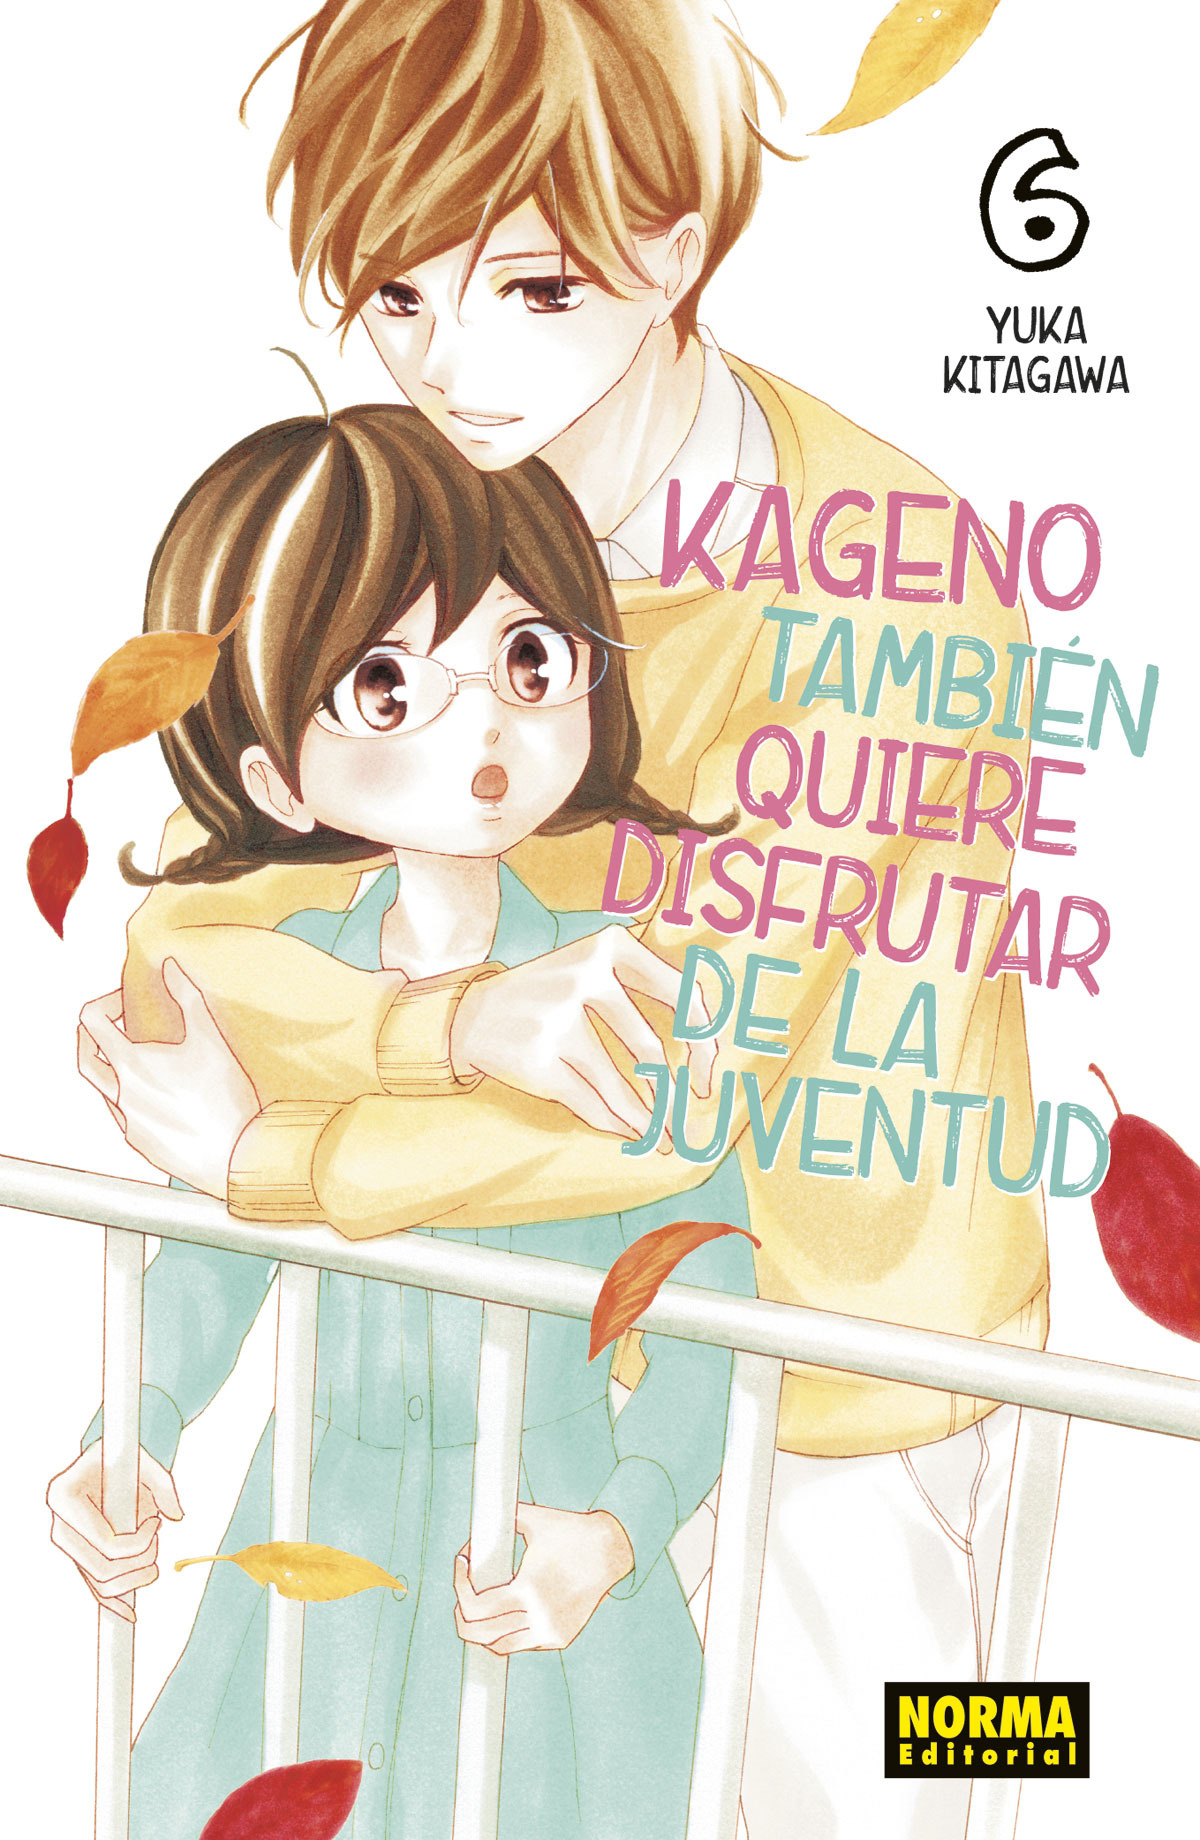 Kageno también quiere disfrutar de la juventud 06